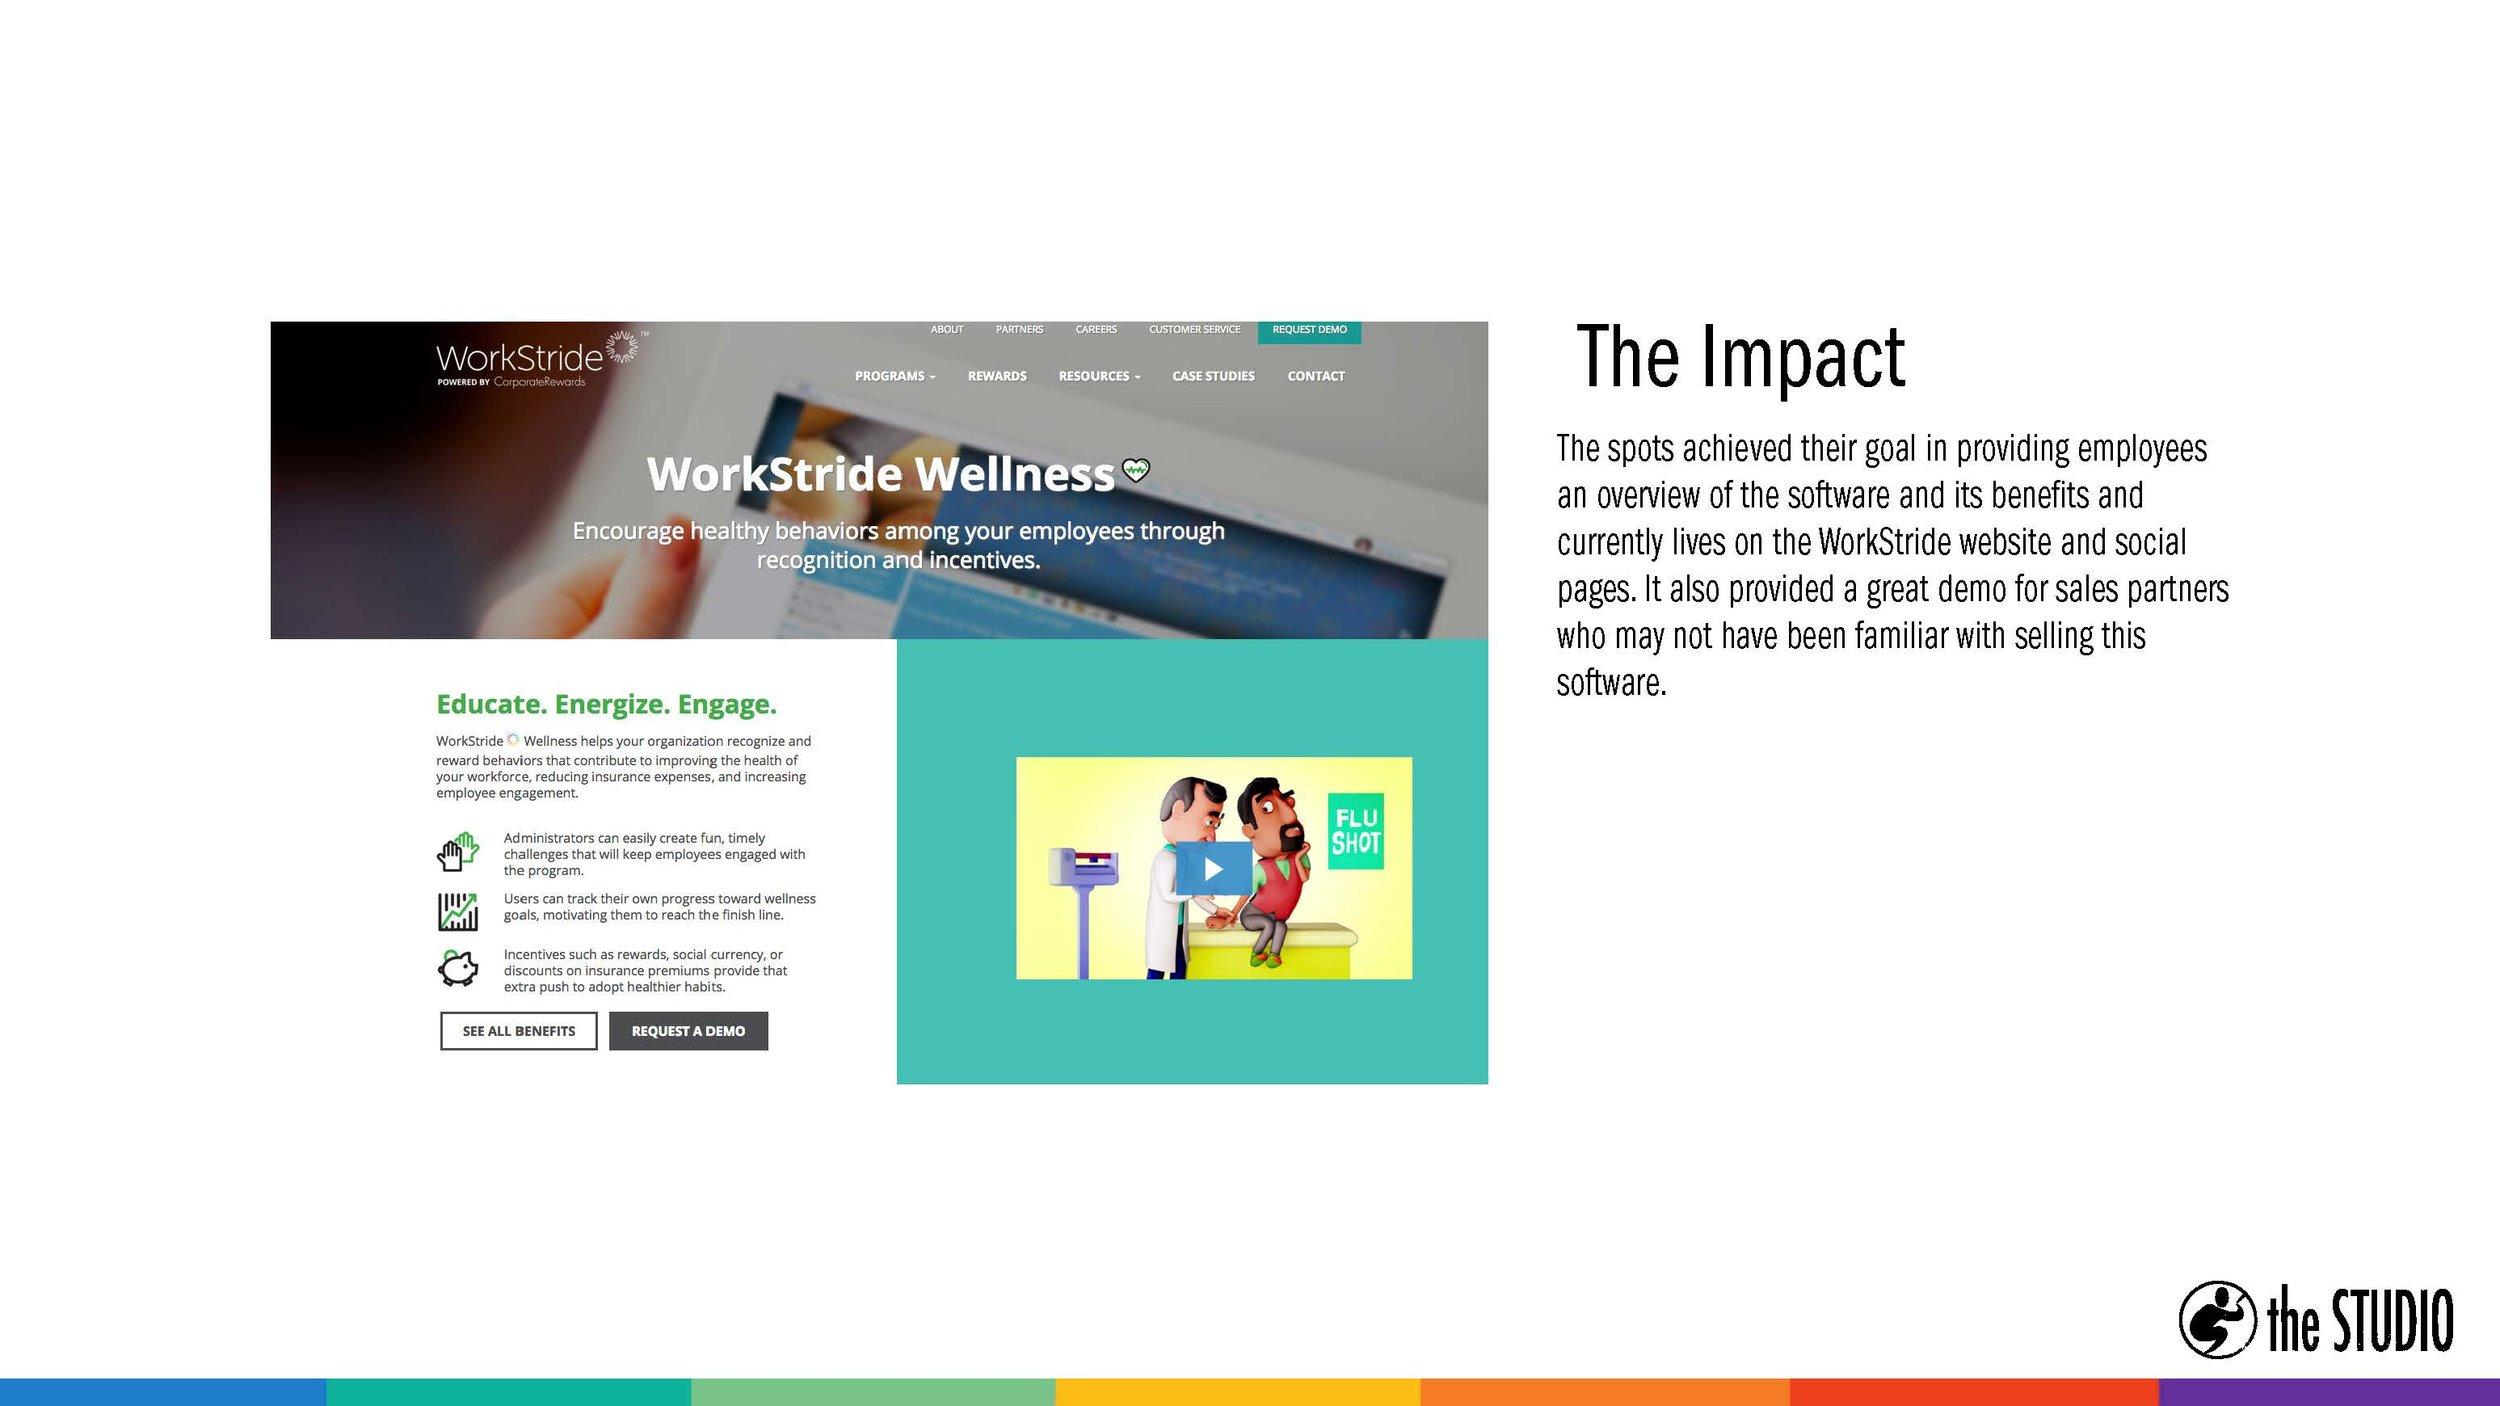 Corporate_Rewards_Case_Study_v05_Page_09.jpg